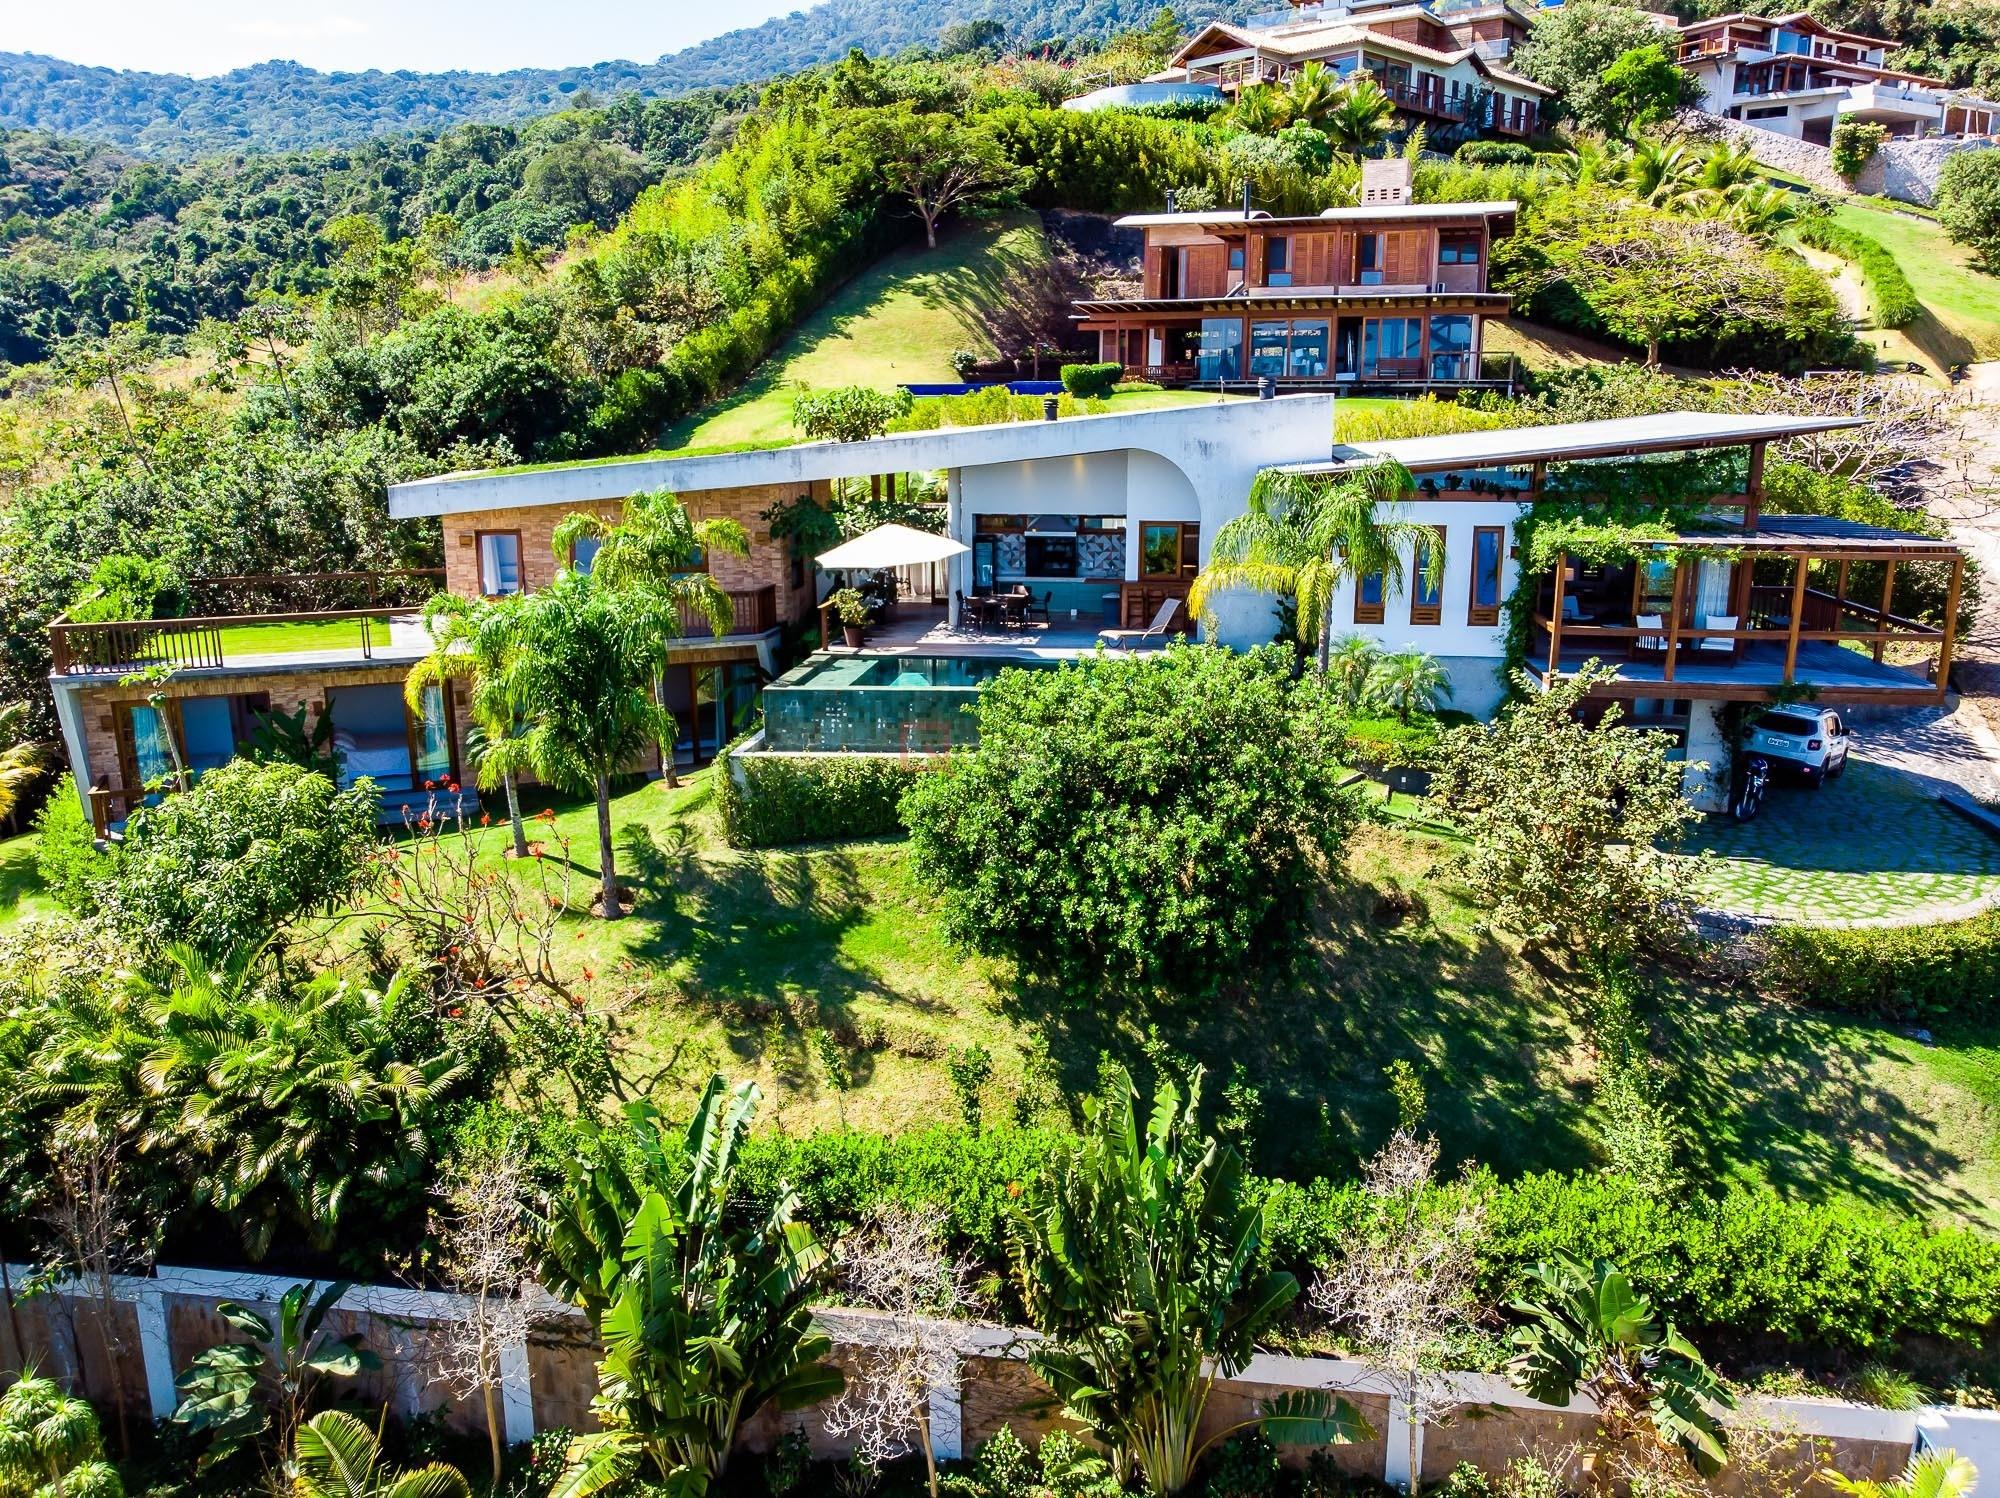 Casa com 4 dormitórios à venda em Ilhabela, no bairro Arrozal